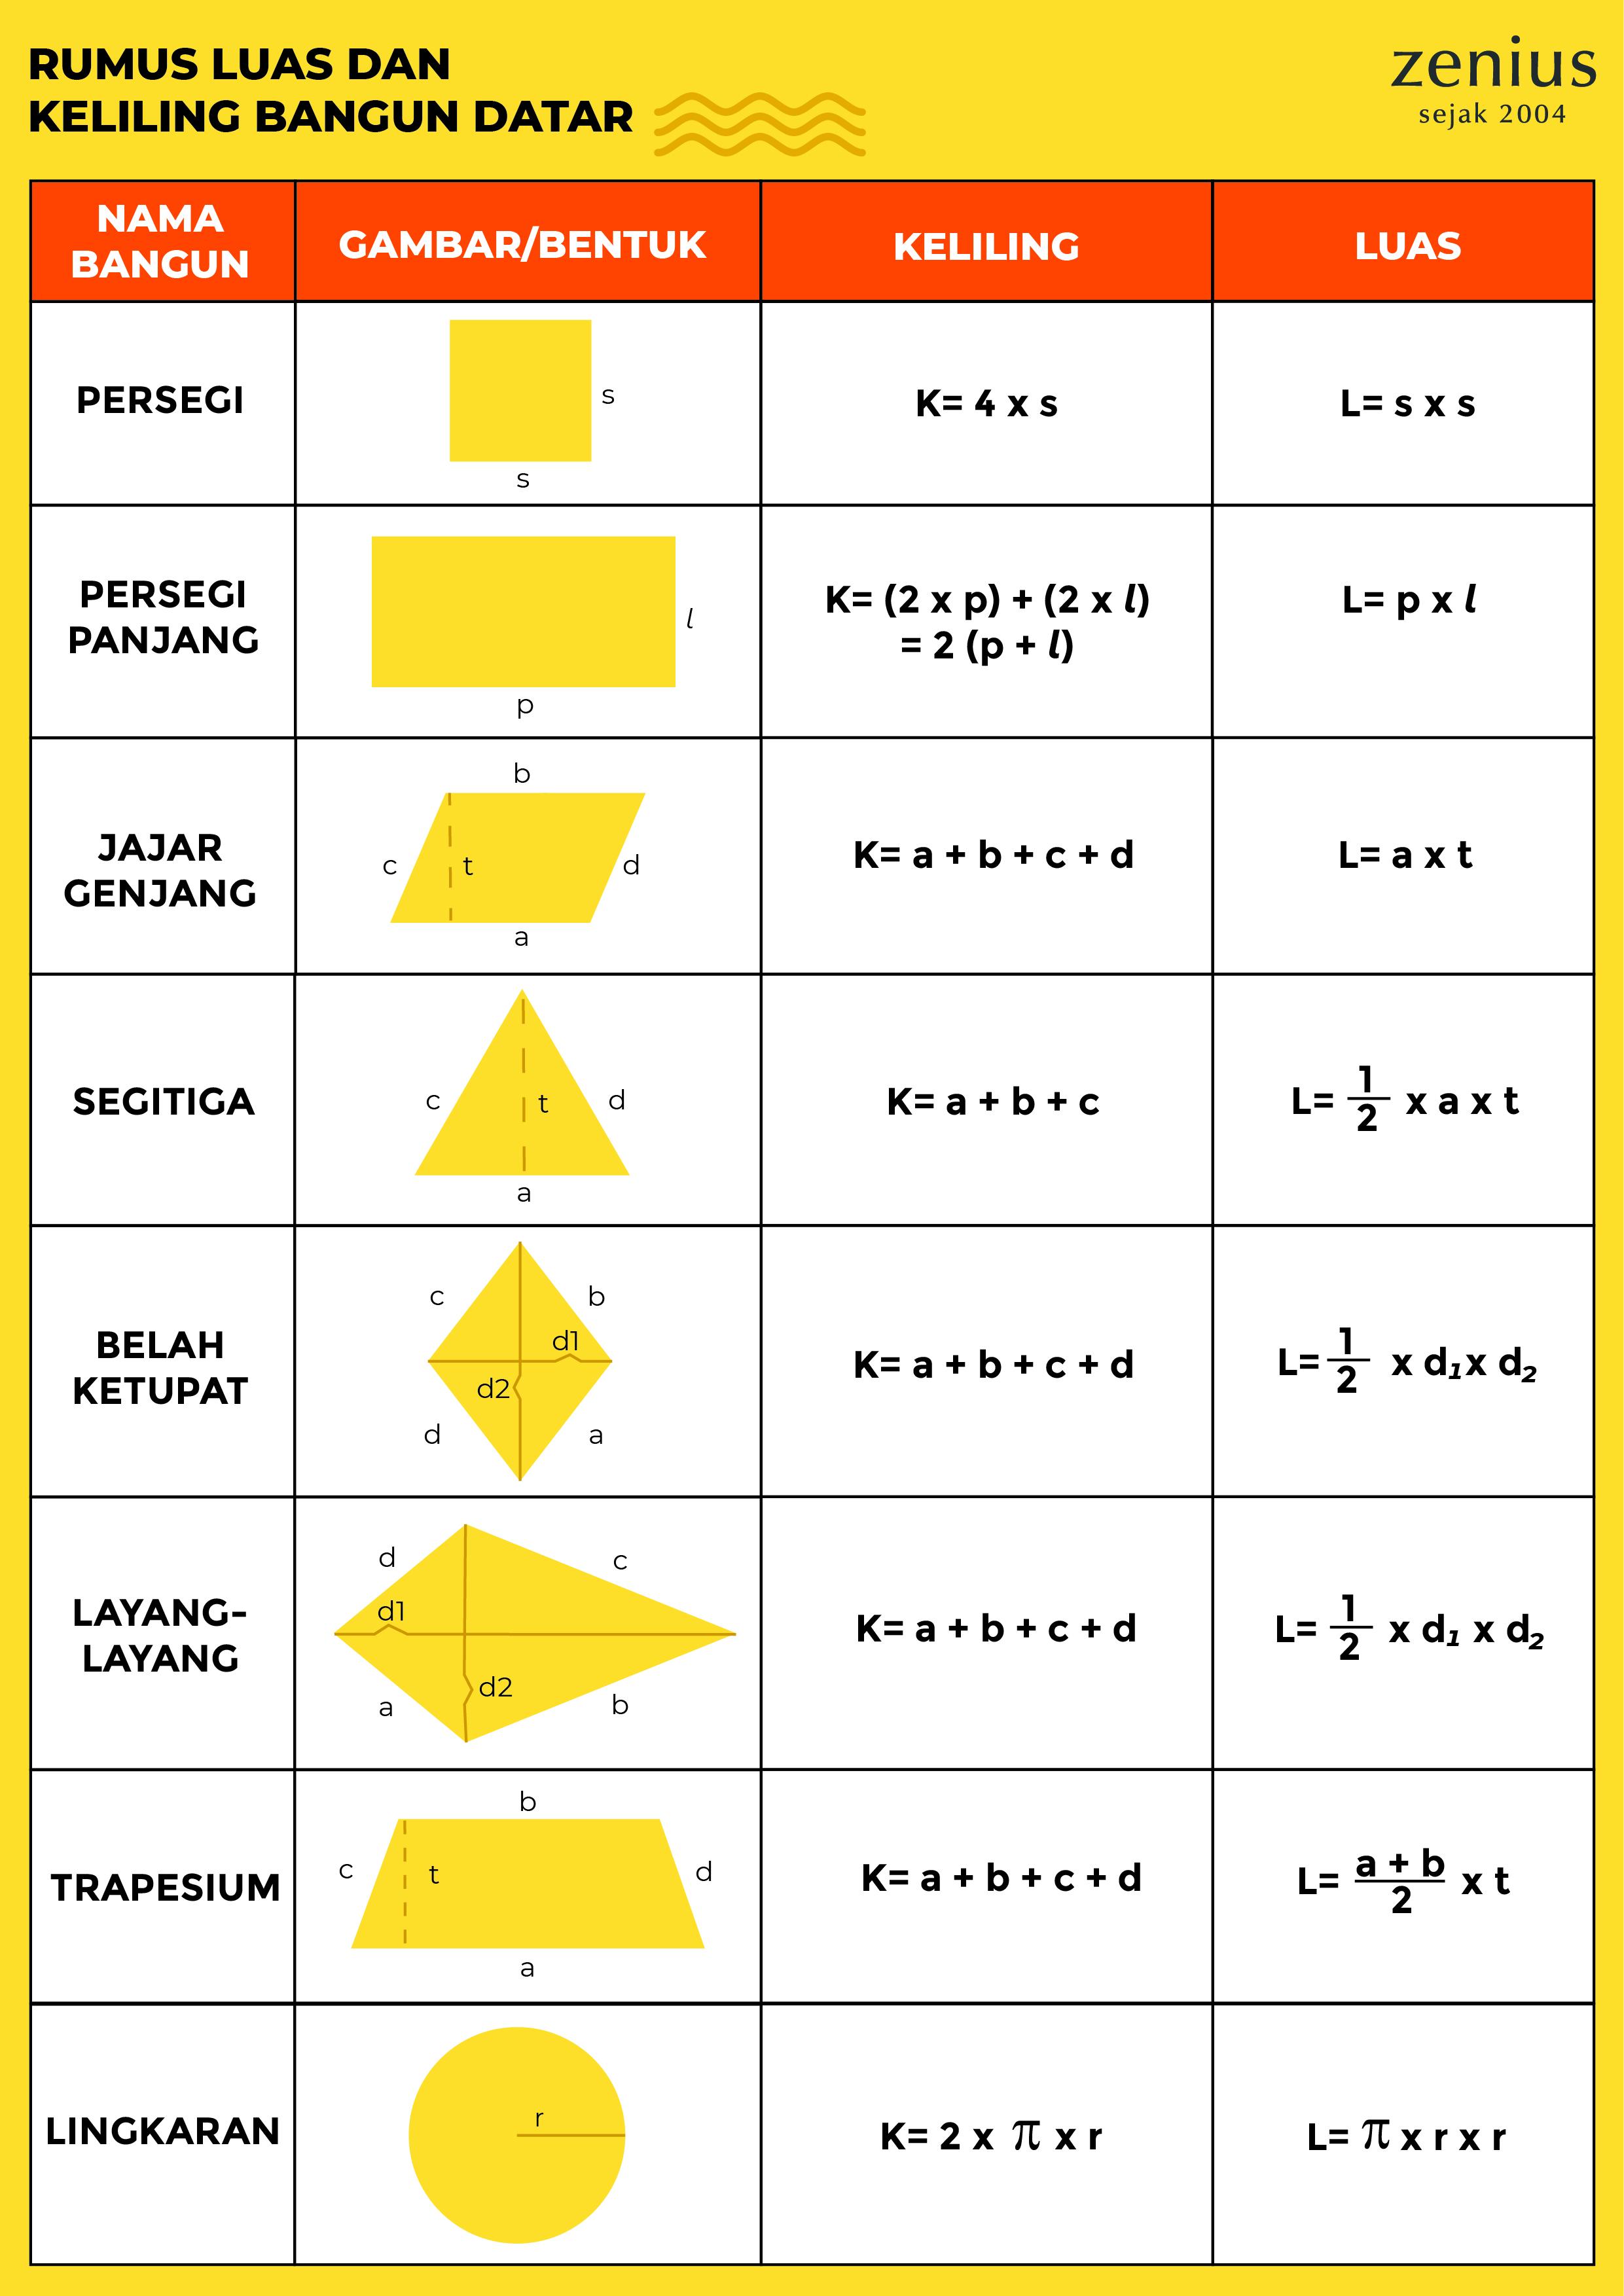 Kumpulan Rumus Matematika Lengkap dengan Keterangannya 31